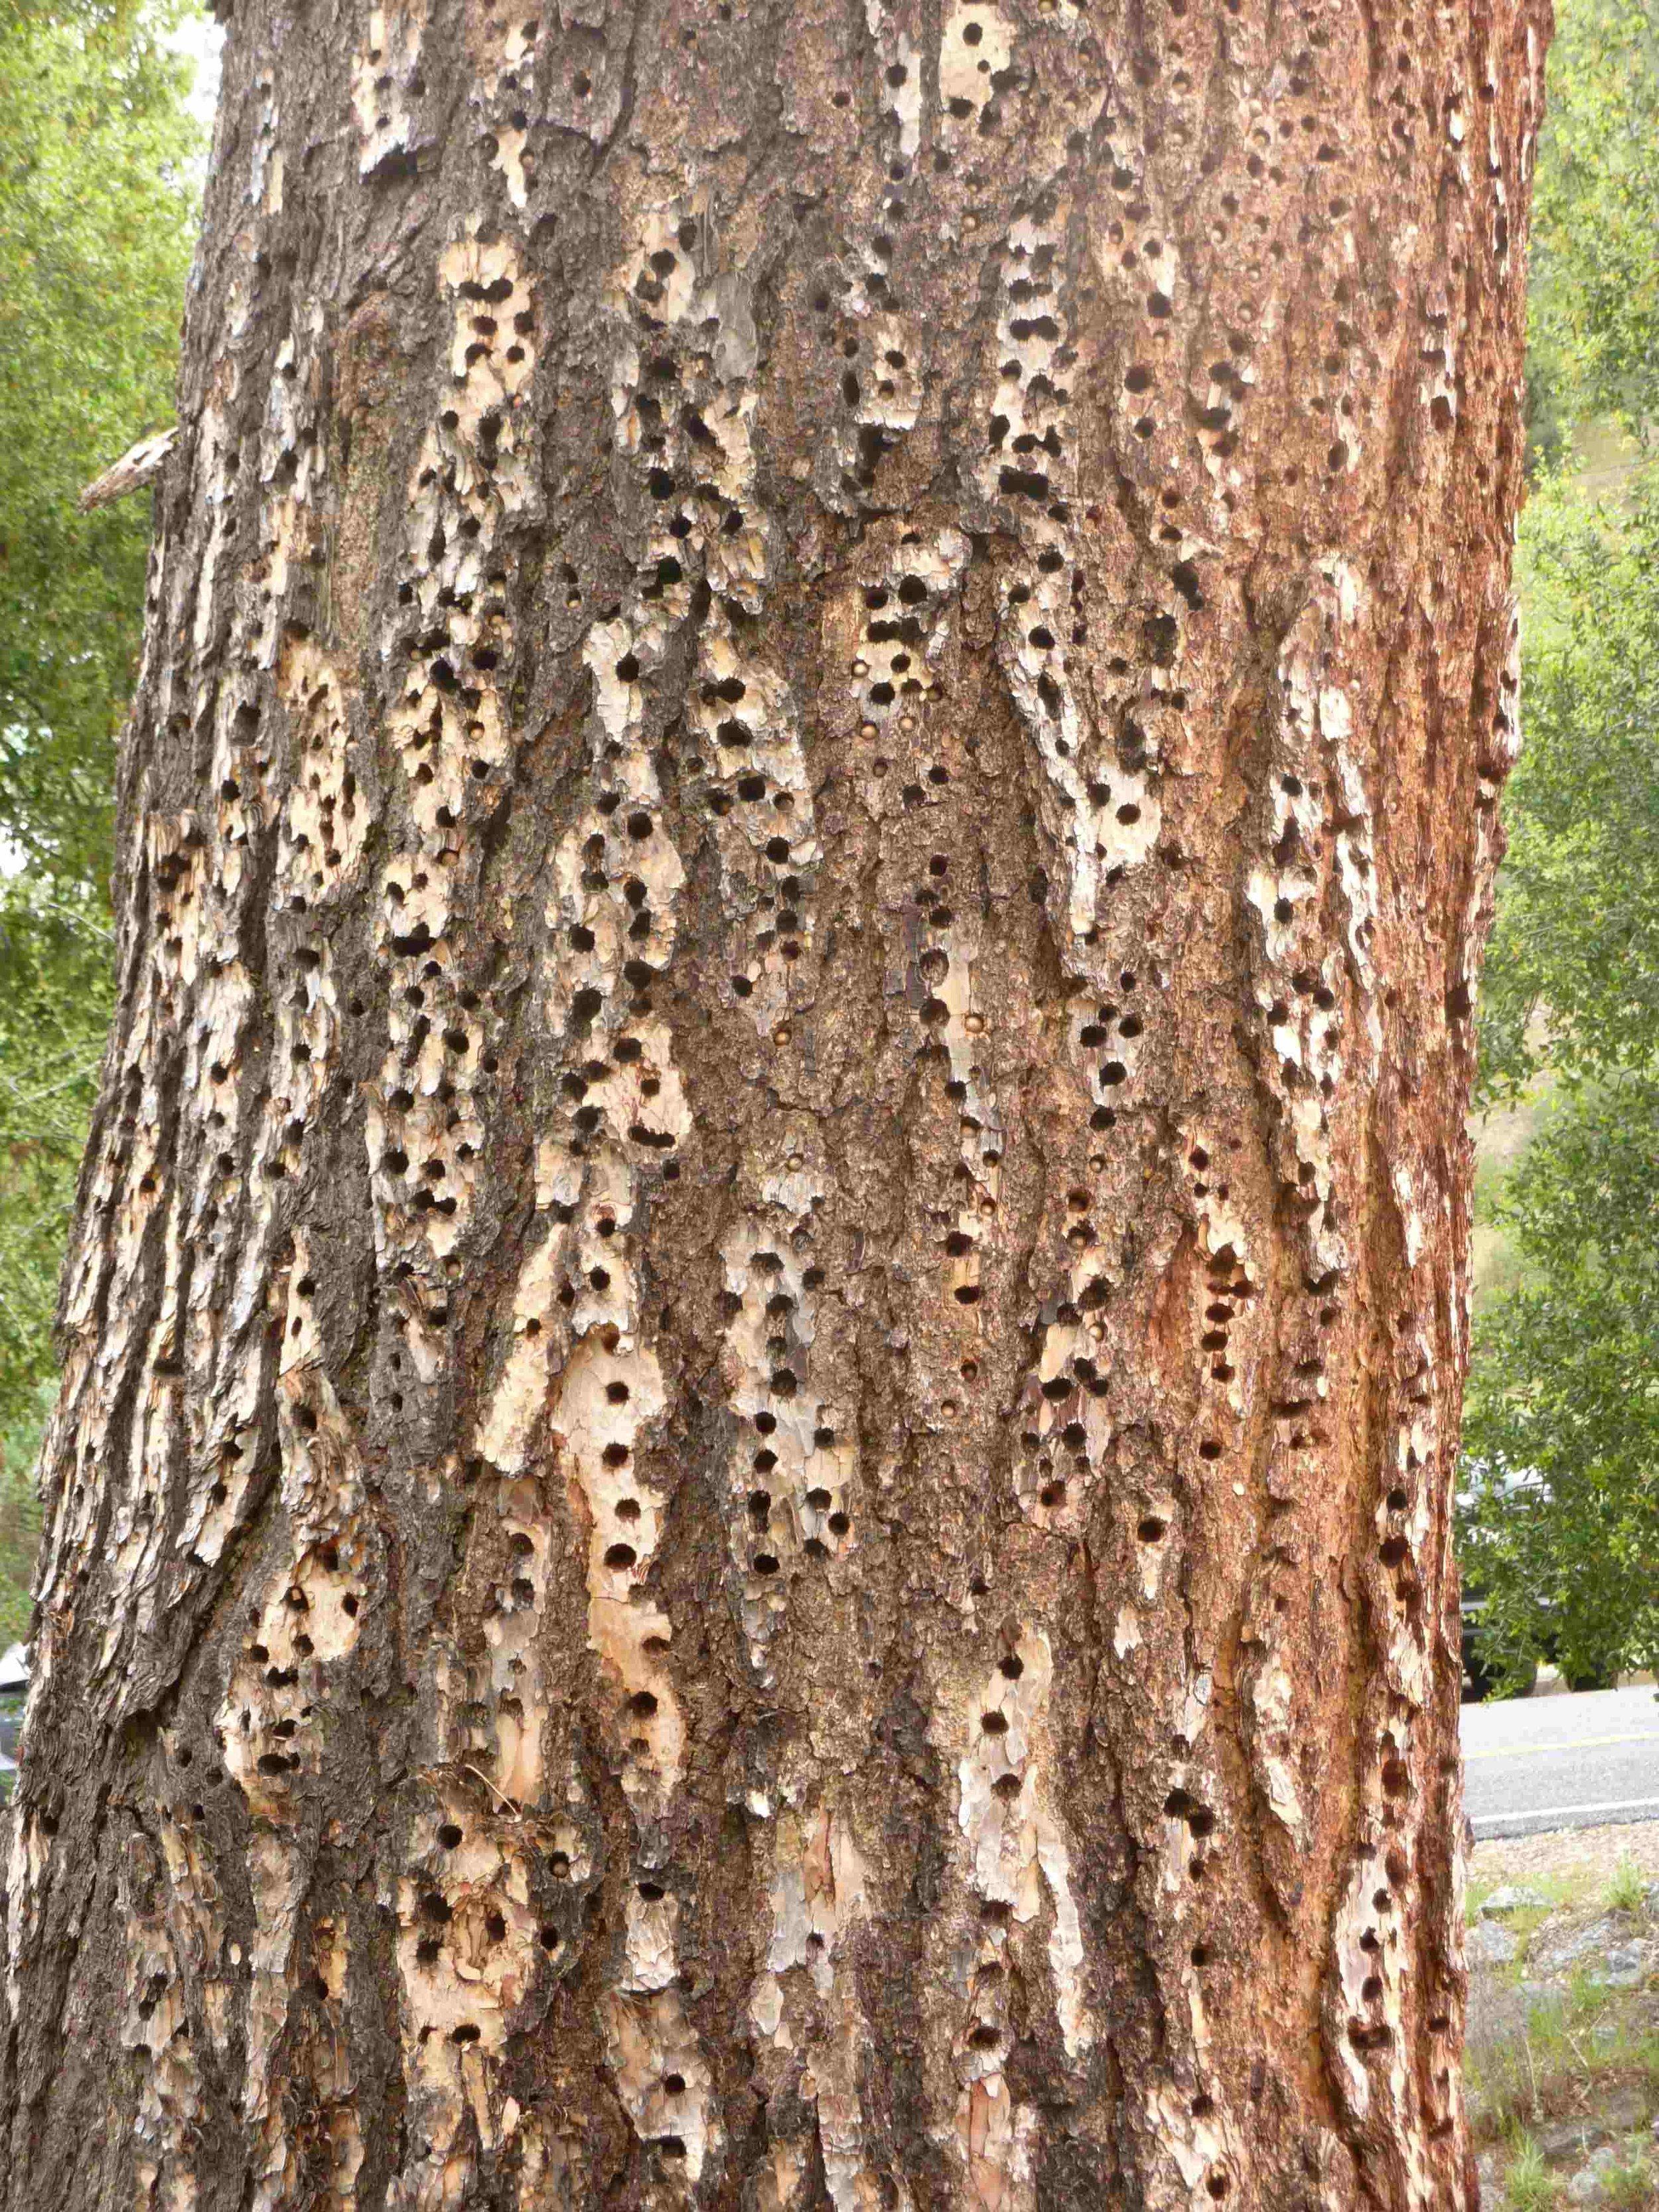 Itäisellä sisäänkäynnillä on useampi tällainen tikkojen rei'ittämä puu